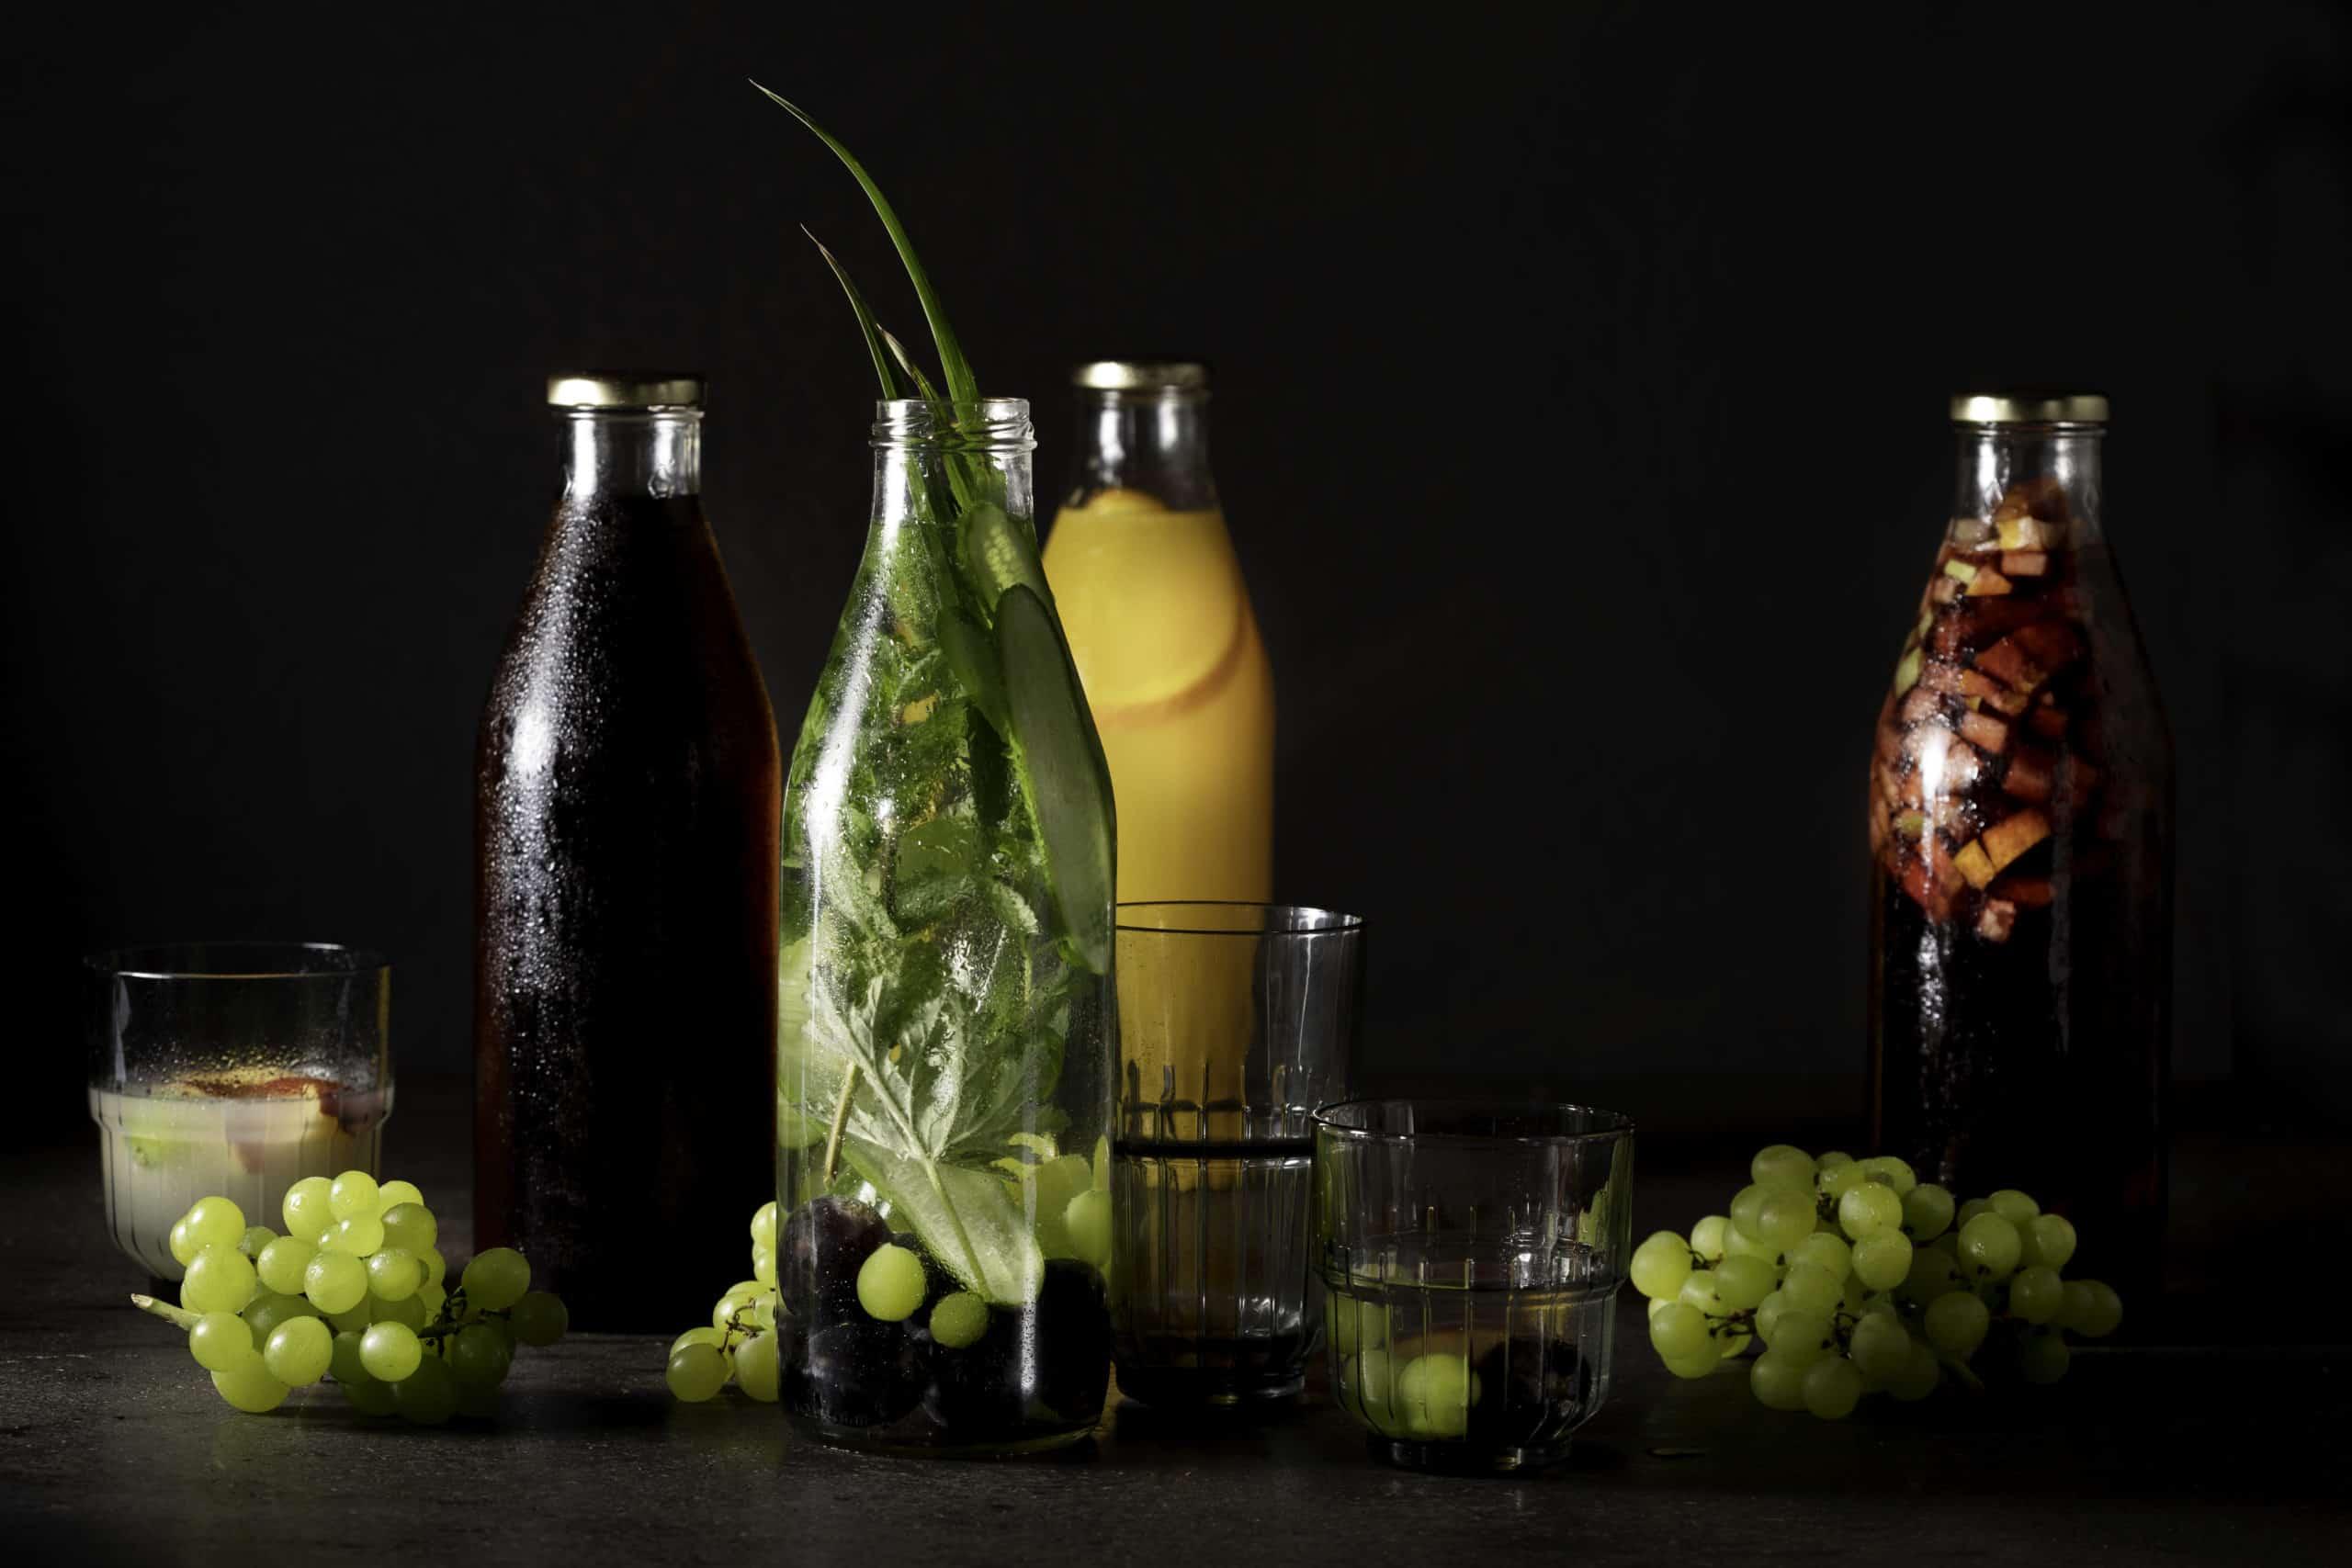 קנקני שתייה קלה וקוקטיילים